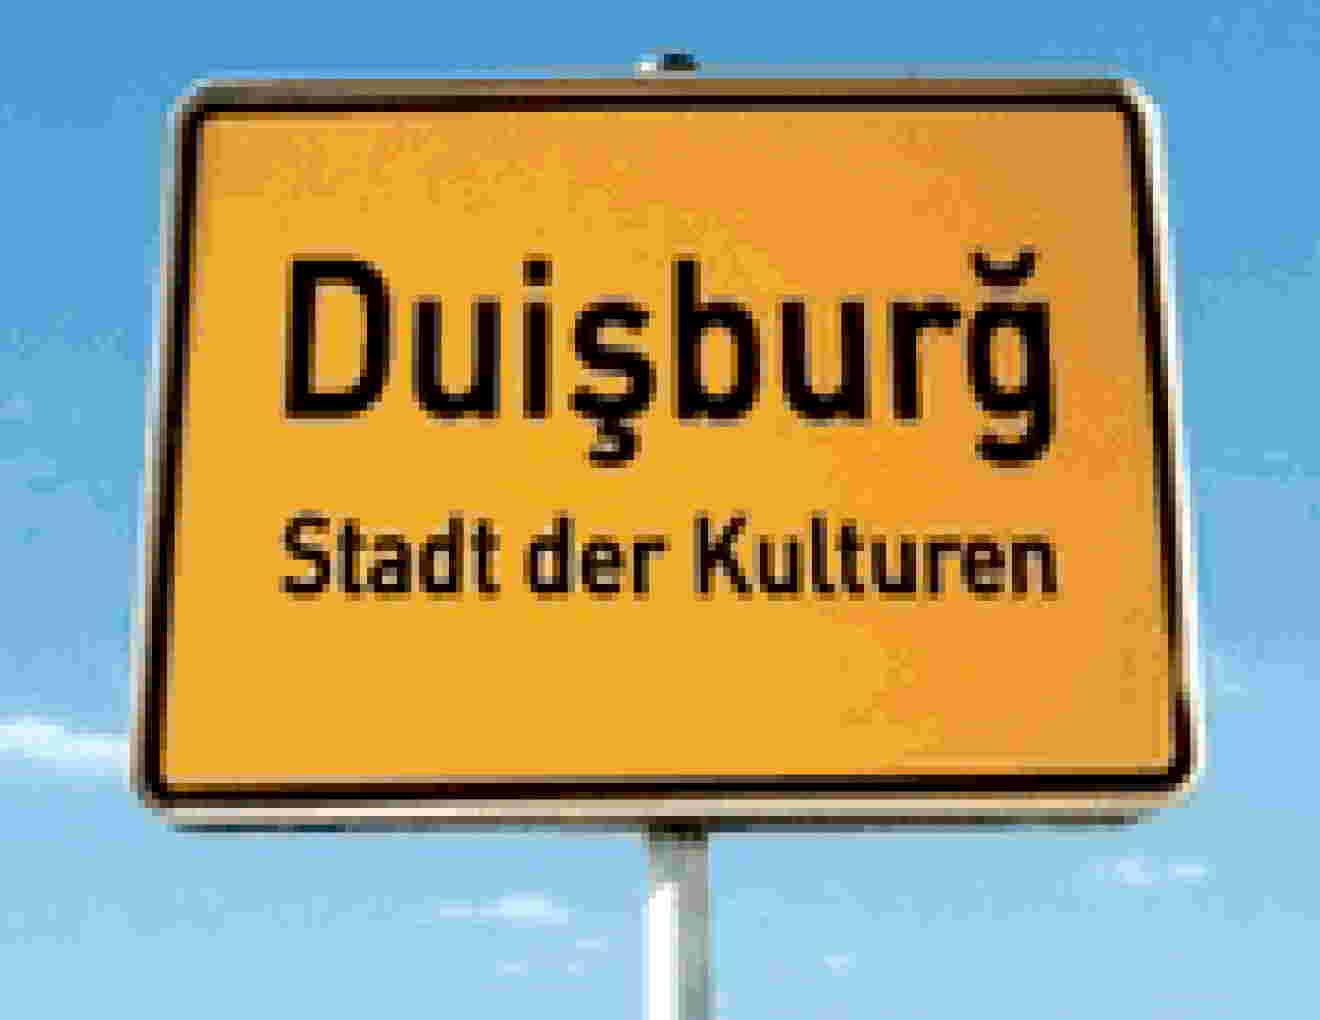 jihad watch deutschland neues aus hamas town duisburg ist grauer wolfsburg. Black Bedroom Furniture Sets. Home Design Ideas